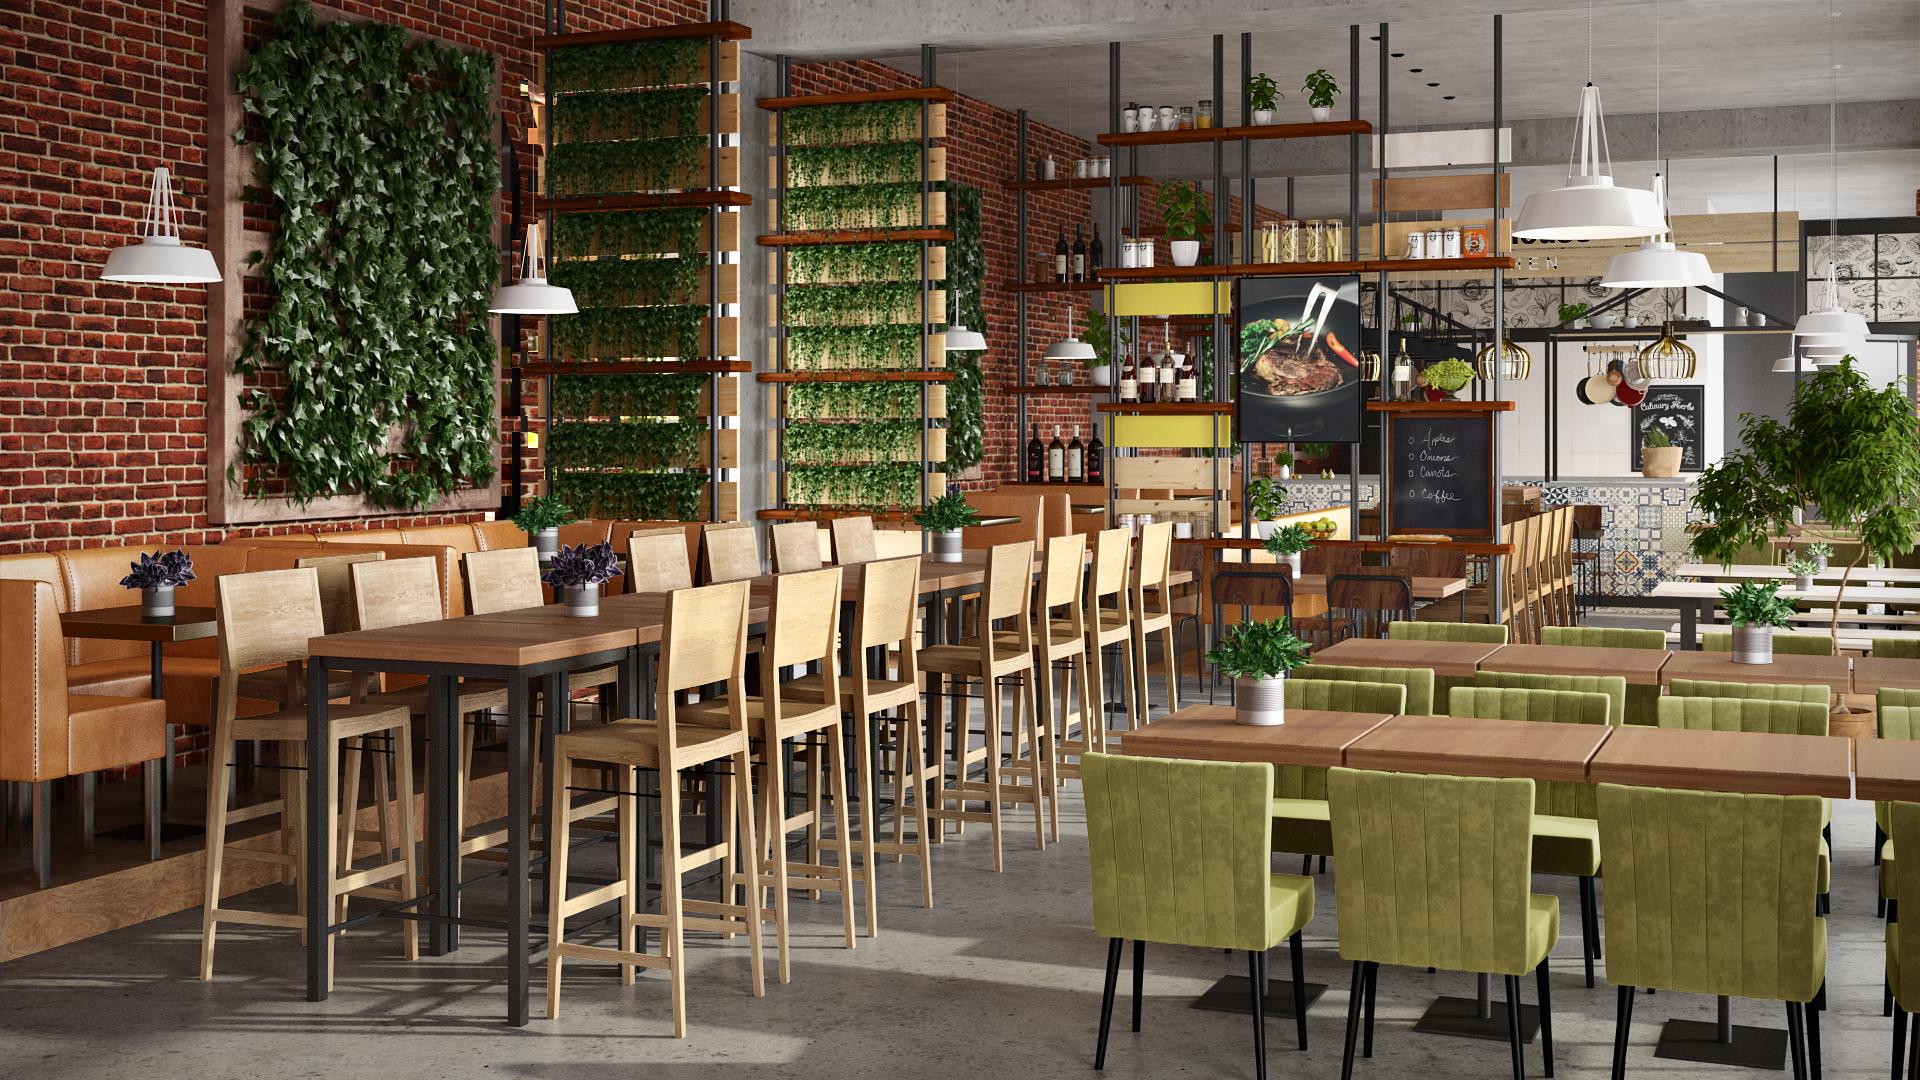 GUESTHOUSE_HOTELS_restaurant_VIEW_02_VK_V04